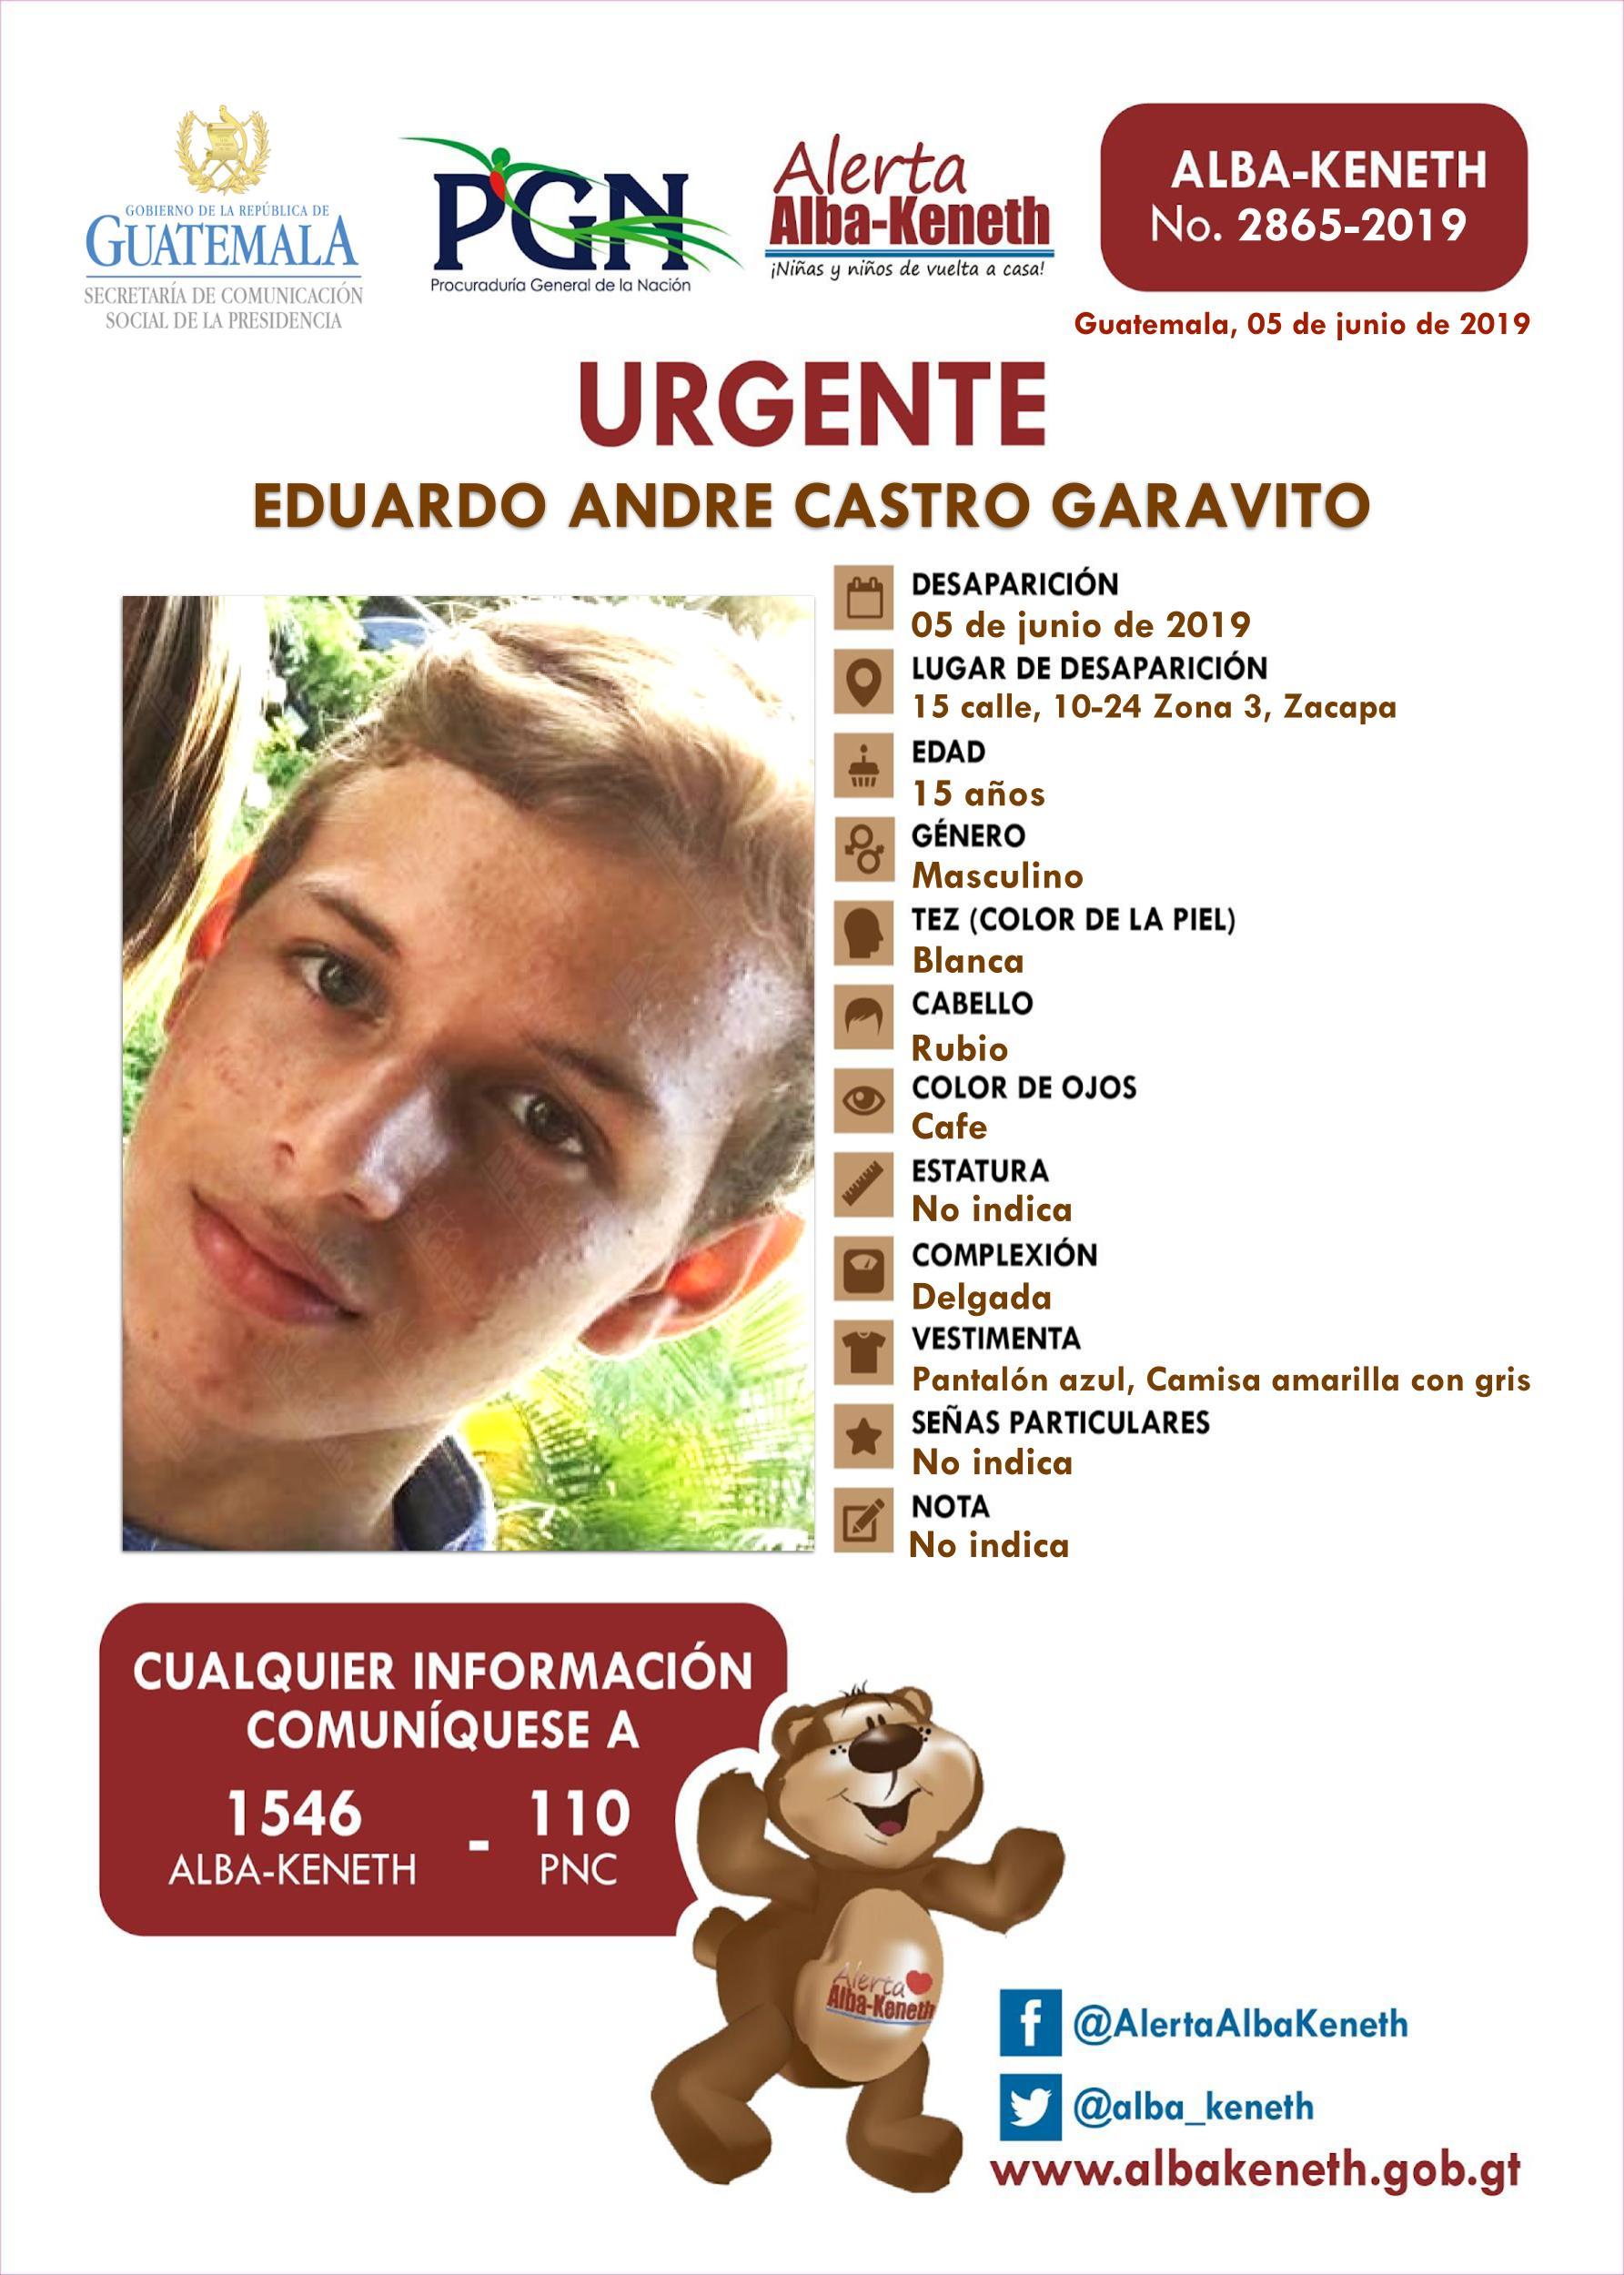 Eduardo Andre Castro Garavito